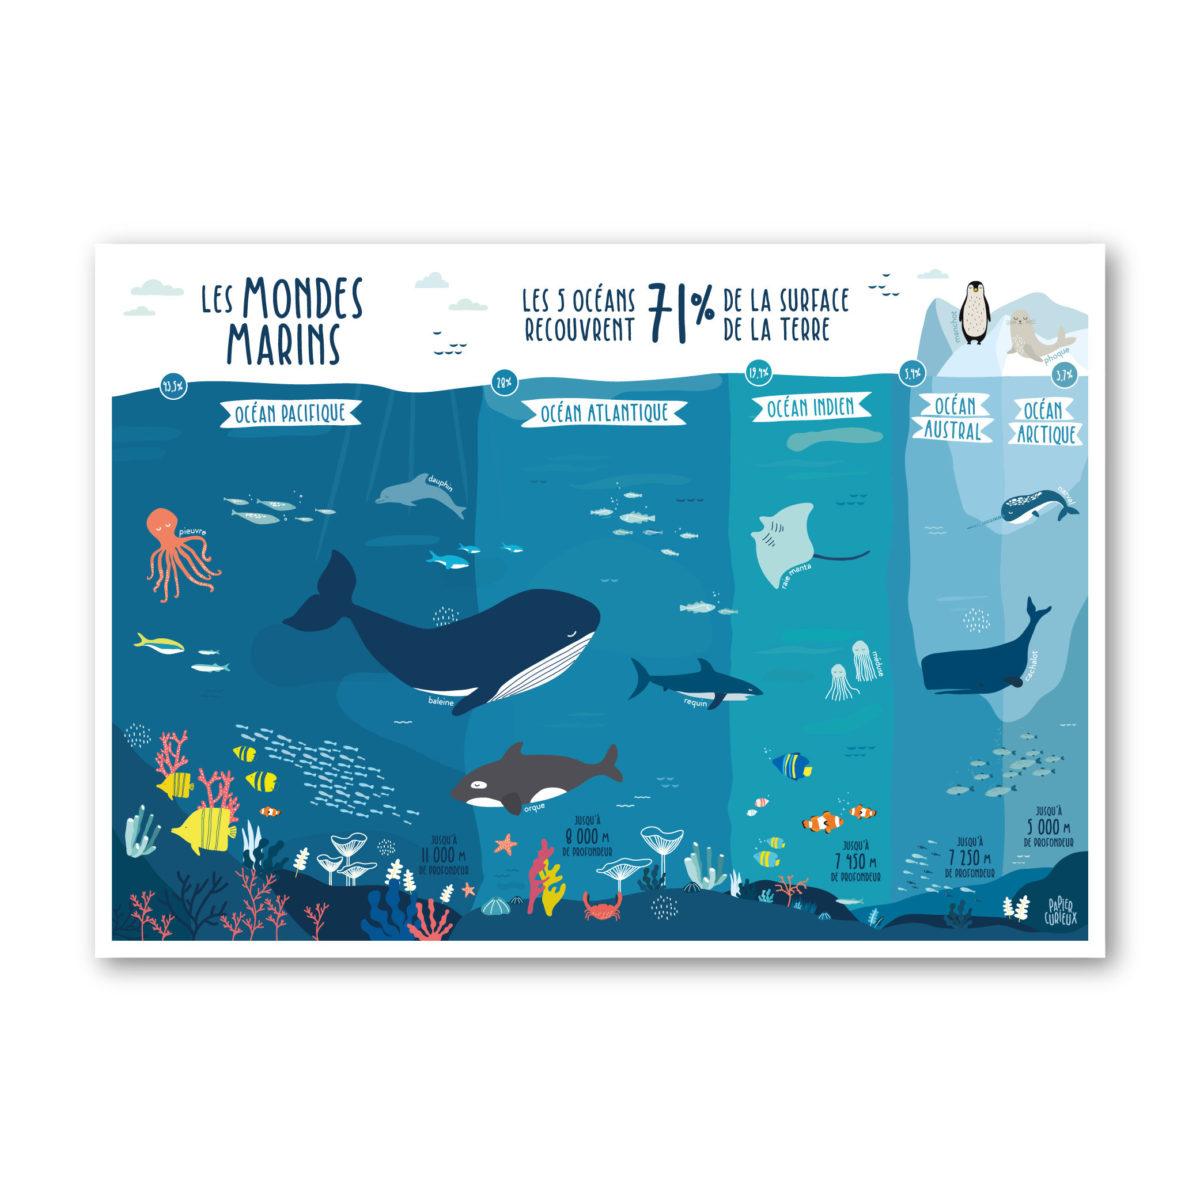 Affiche illustration enfant océans mer pacifique atlantique indien arctique austral